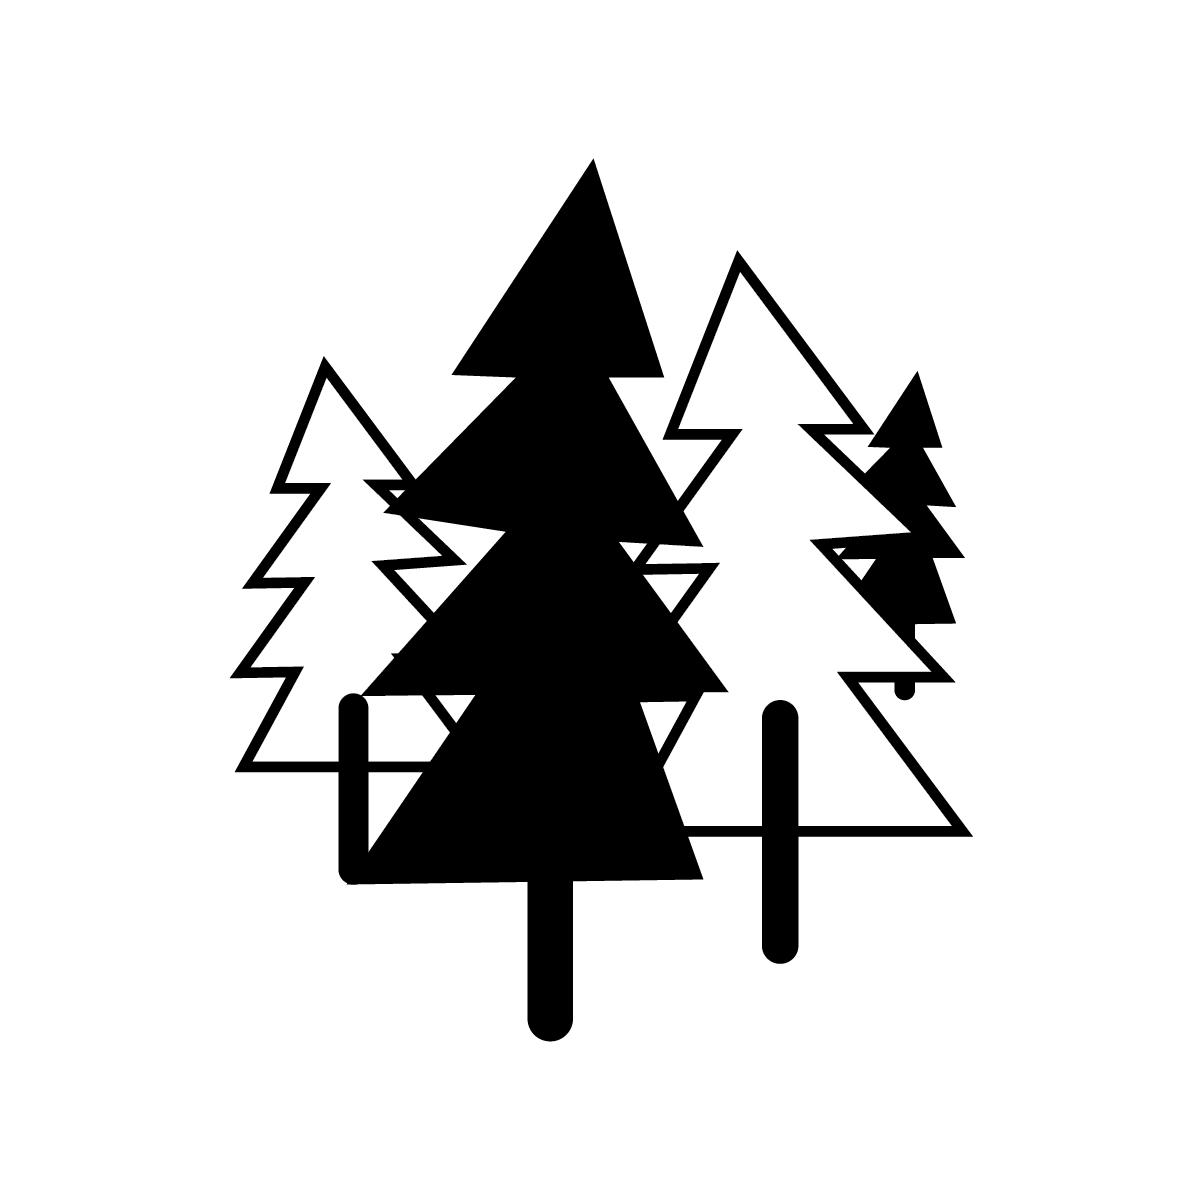 cc-logo_25.jpg